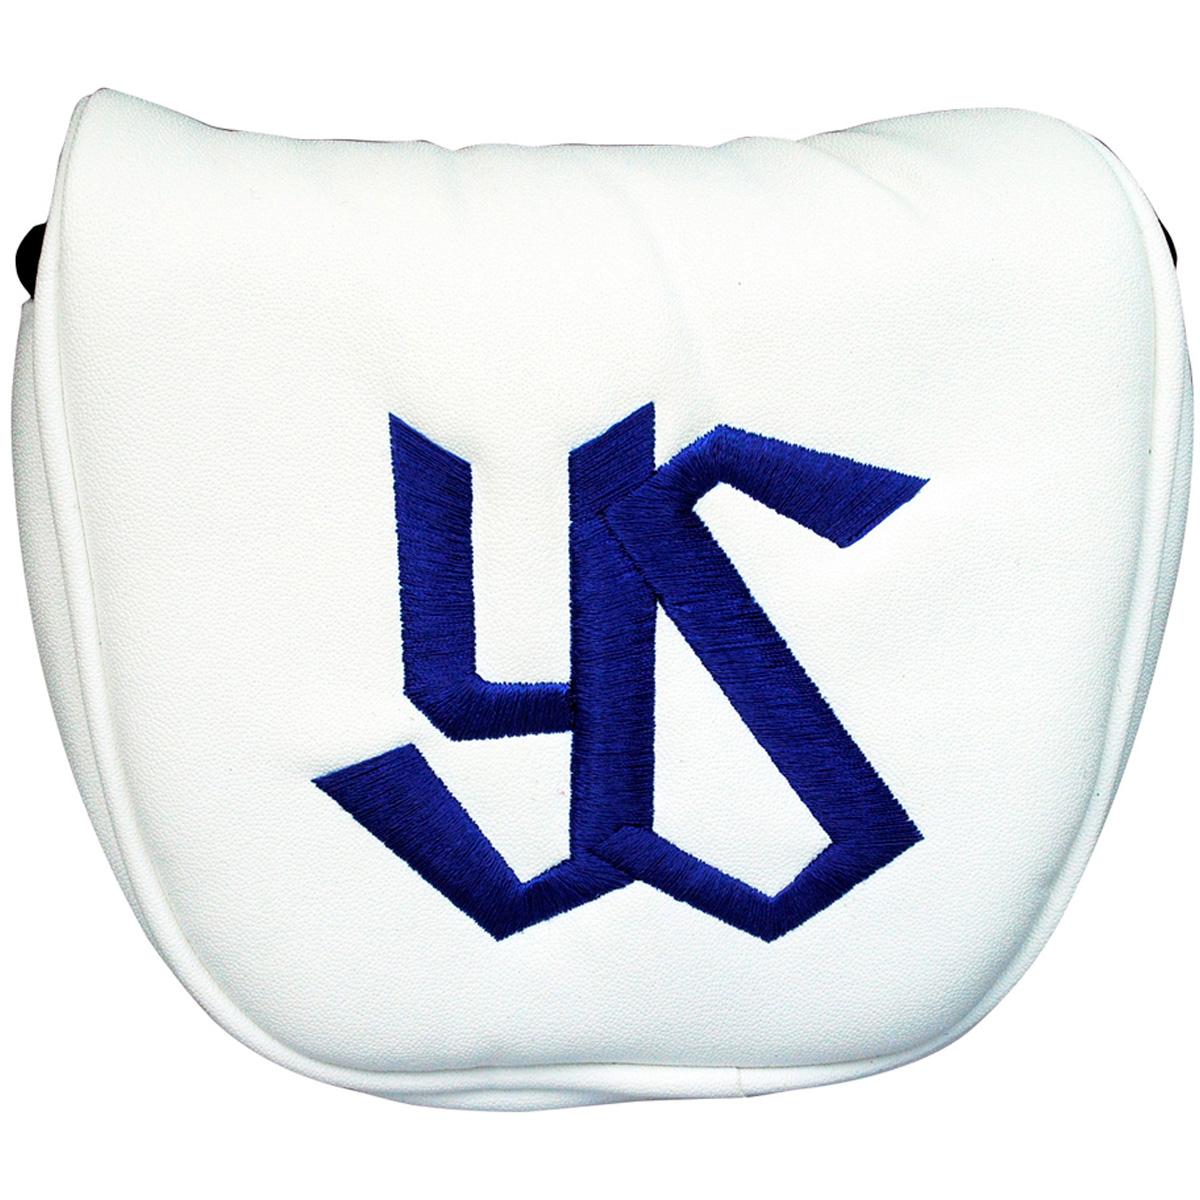 東京ヤクルトスワローズ パターカバー